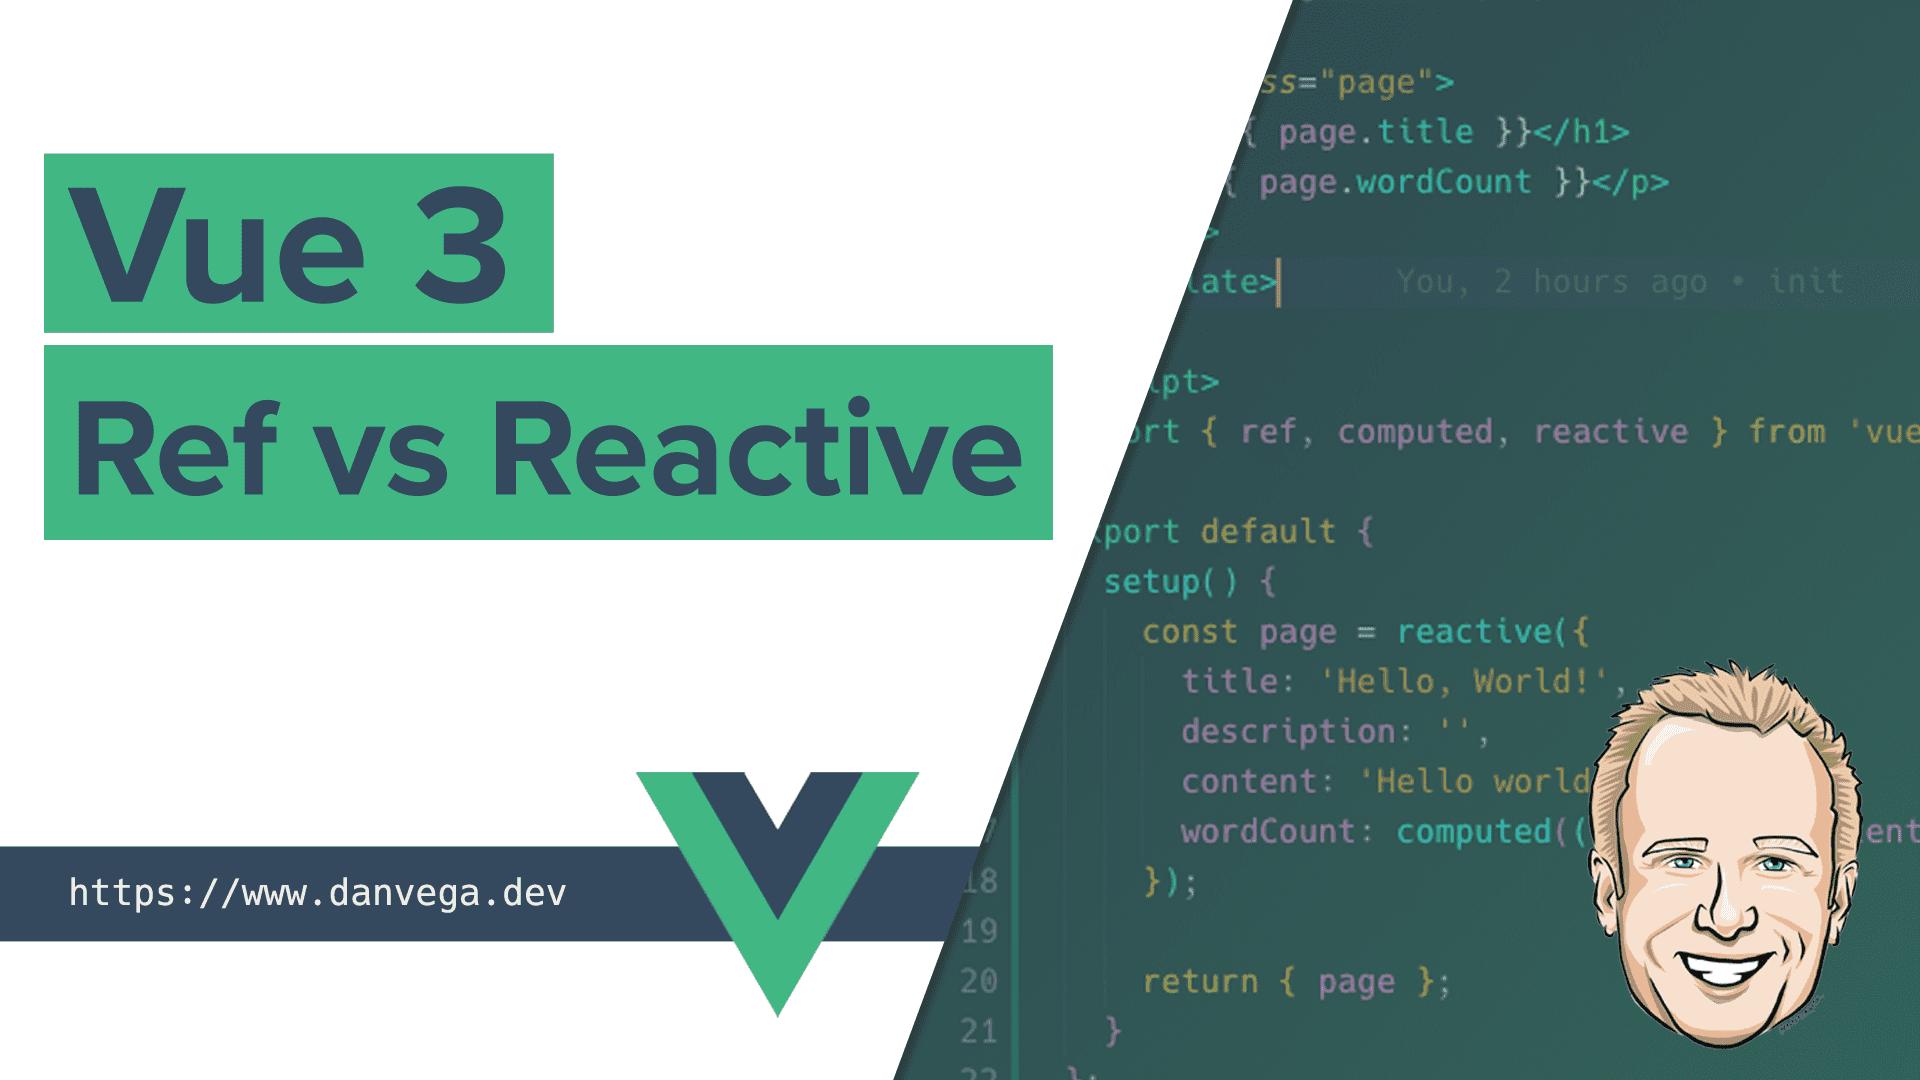 Vue3 ref vs reactive cover 0b85c65 1fe590e20f9a3356ba577b3820475616